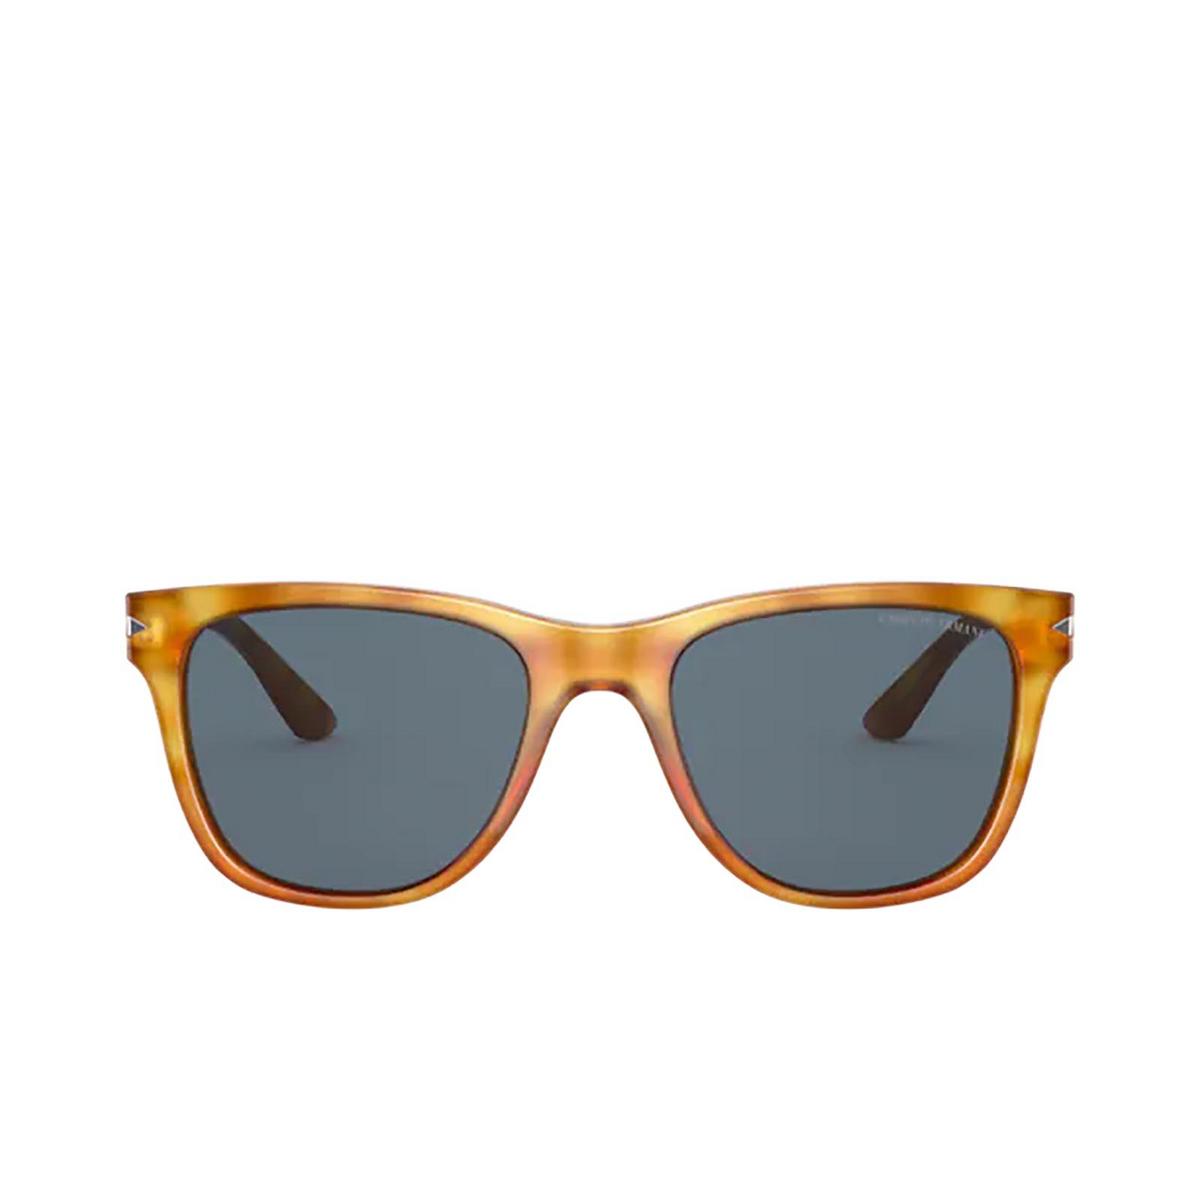 Giorgio Armani® Square Sunglasses: AR8133 color Thatch Havana 584980 - front view.